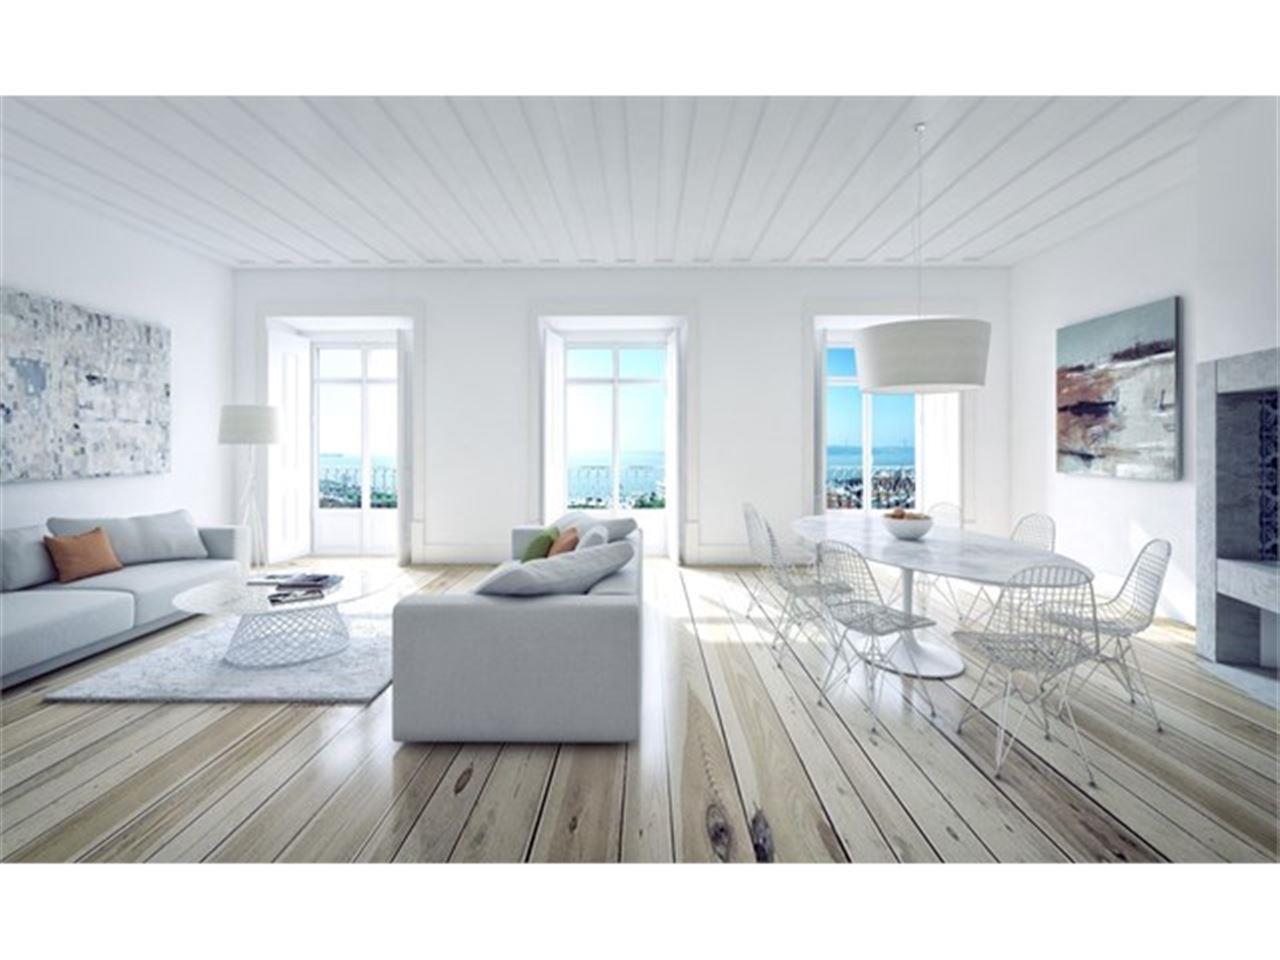 Appartement pour l Vente à Flat, 3 bedrooms, for Sale Chiado, Lisboa, Lisbonne Portugal